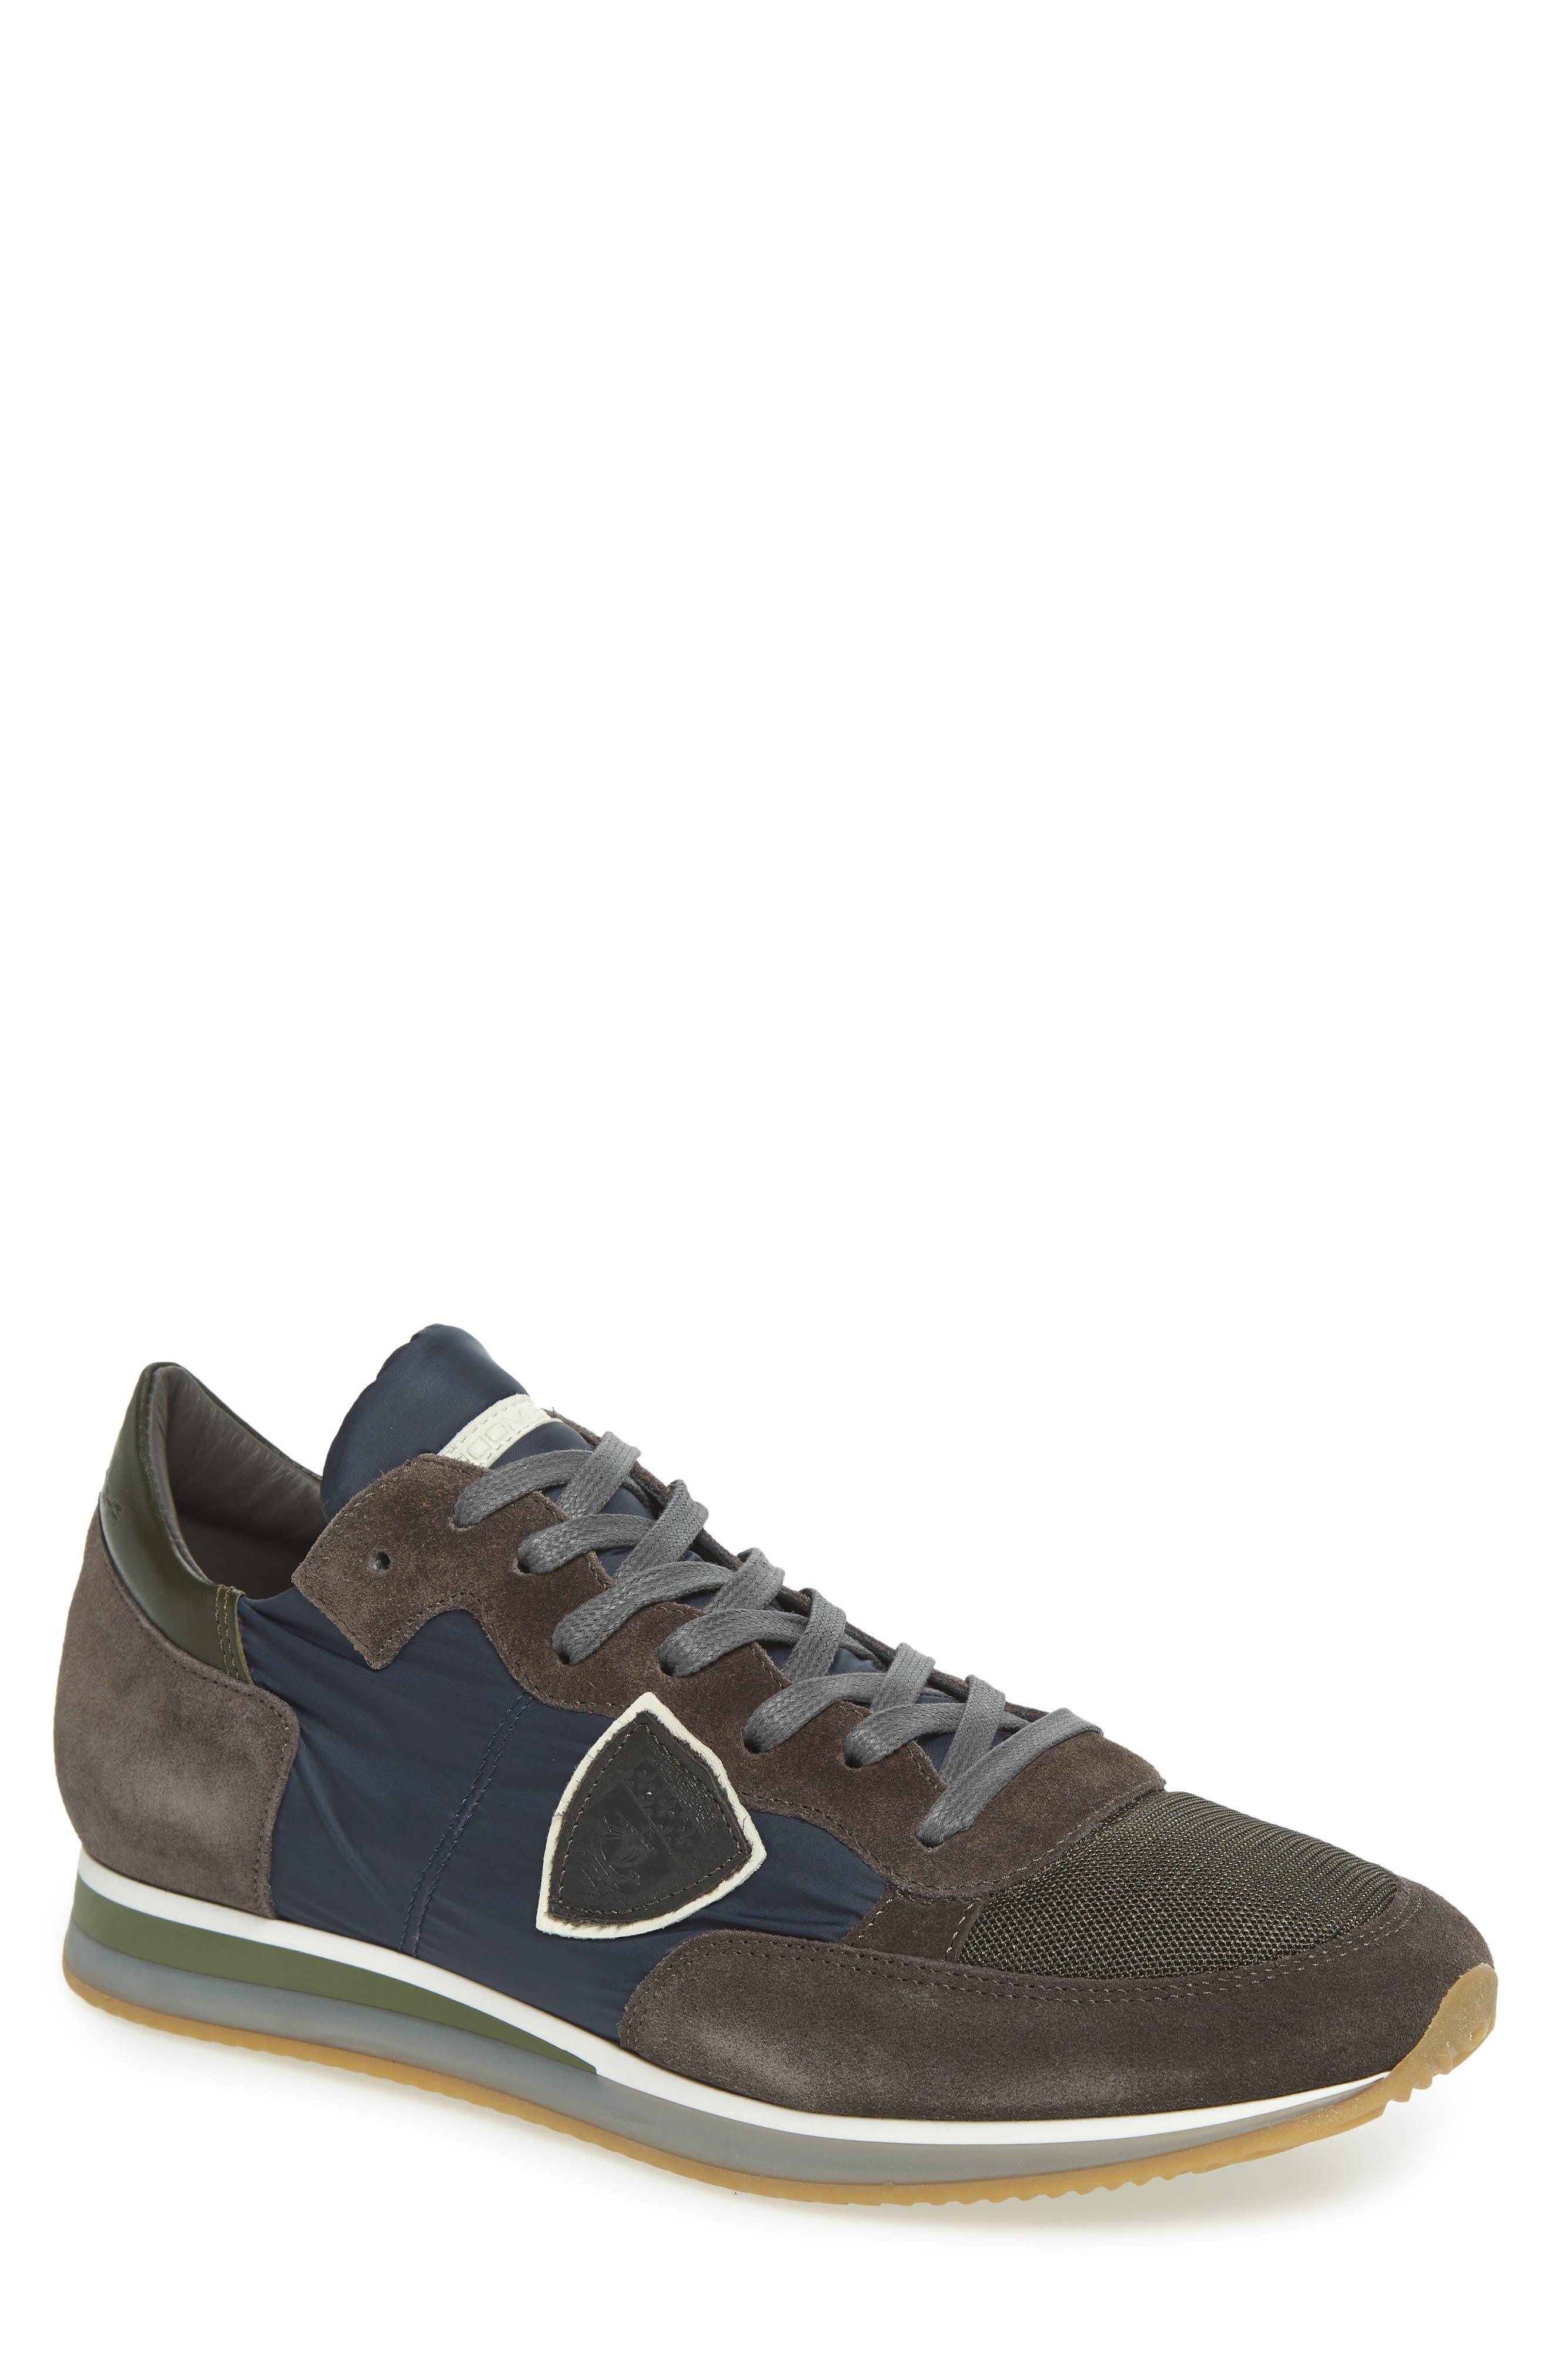 Tropez Low Top Sneaker,                             Main thumbnail 1, color,                             020